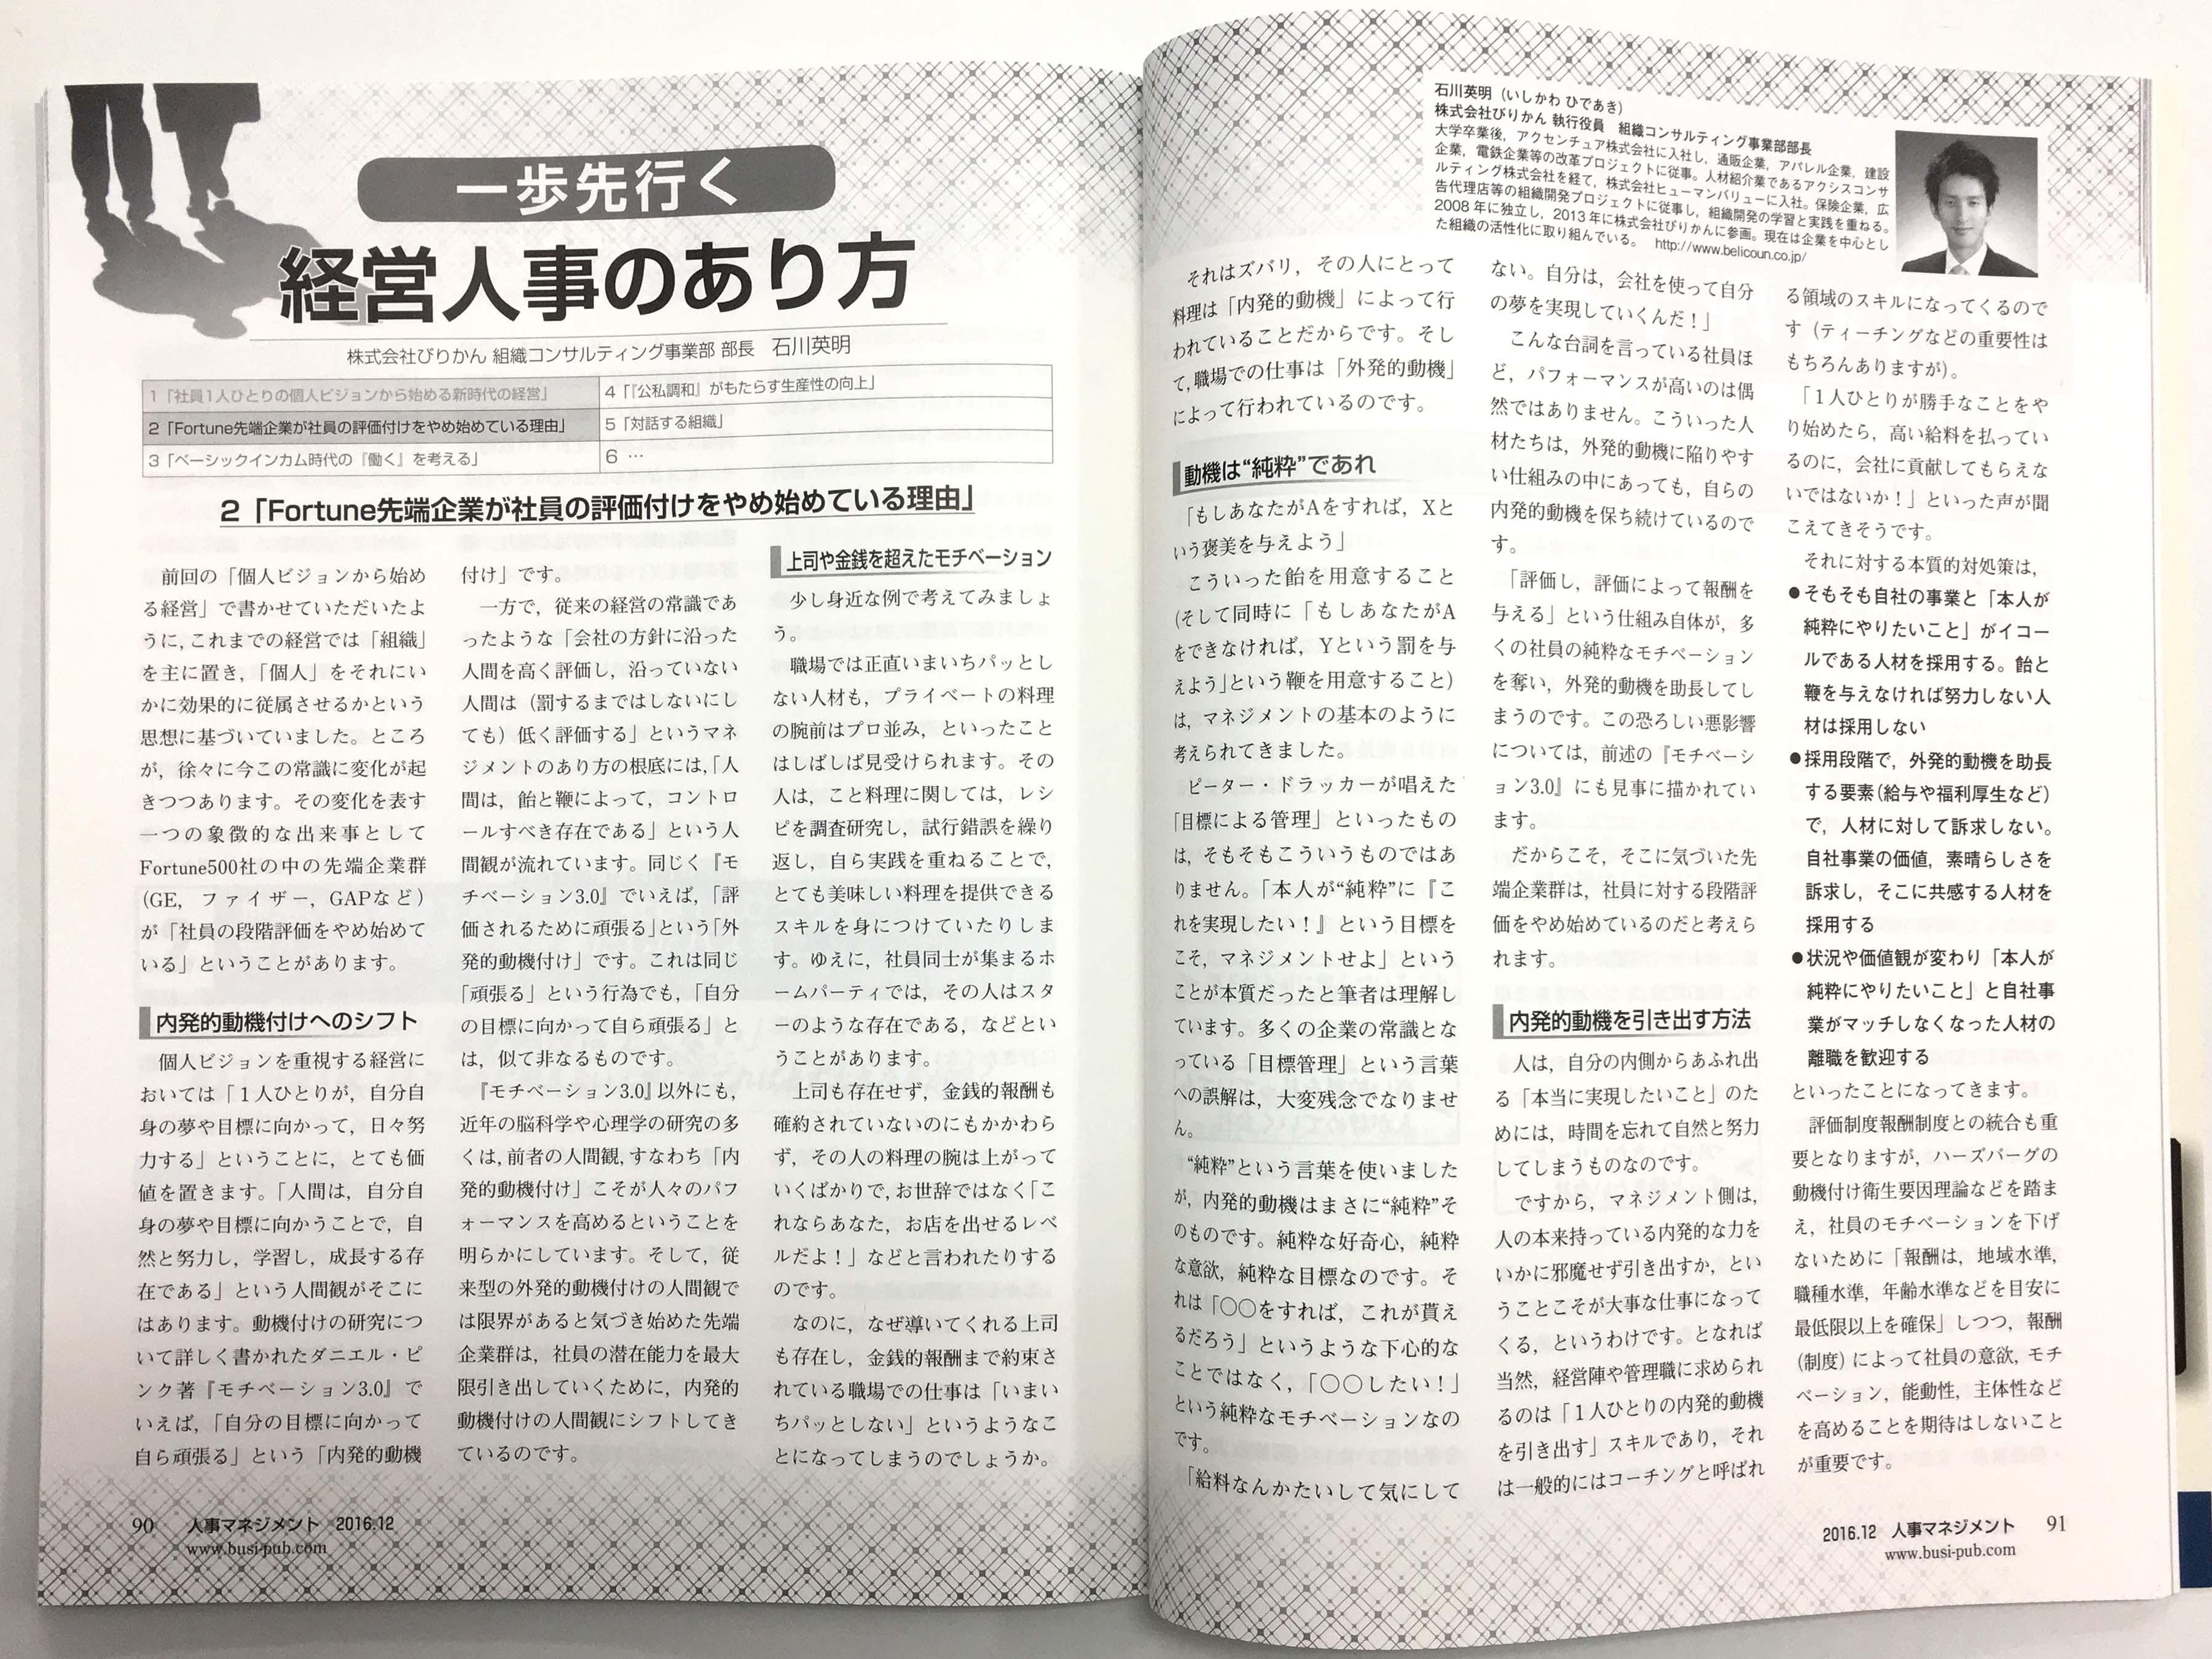 『月刊 人事マネジメント』(2016年12月号)